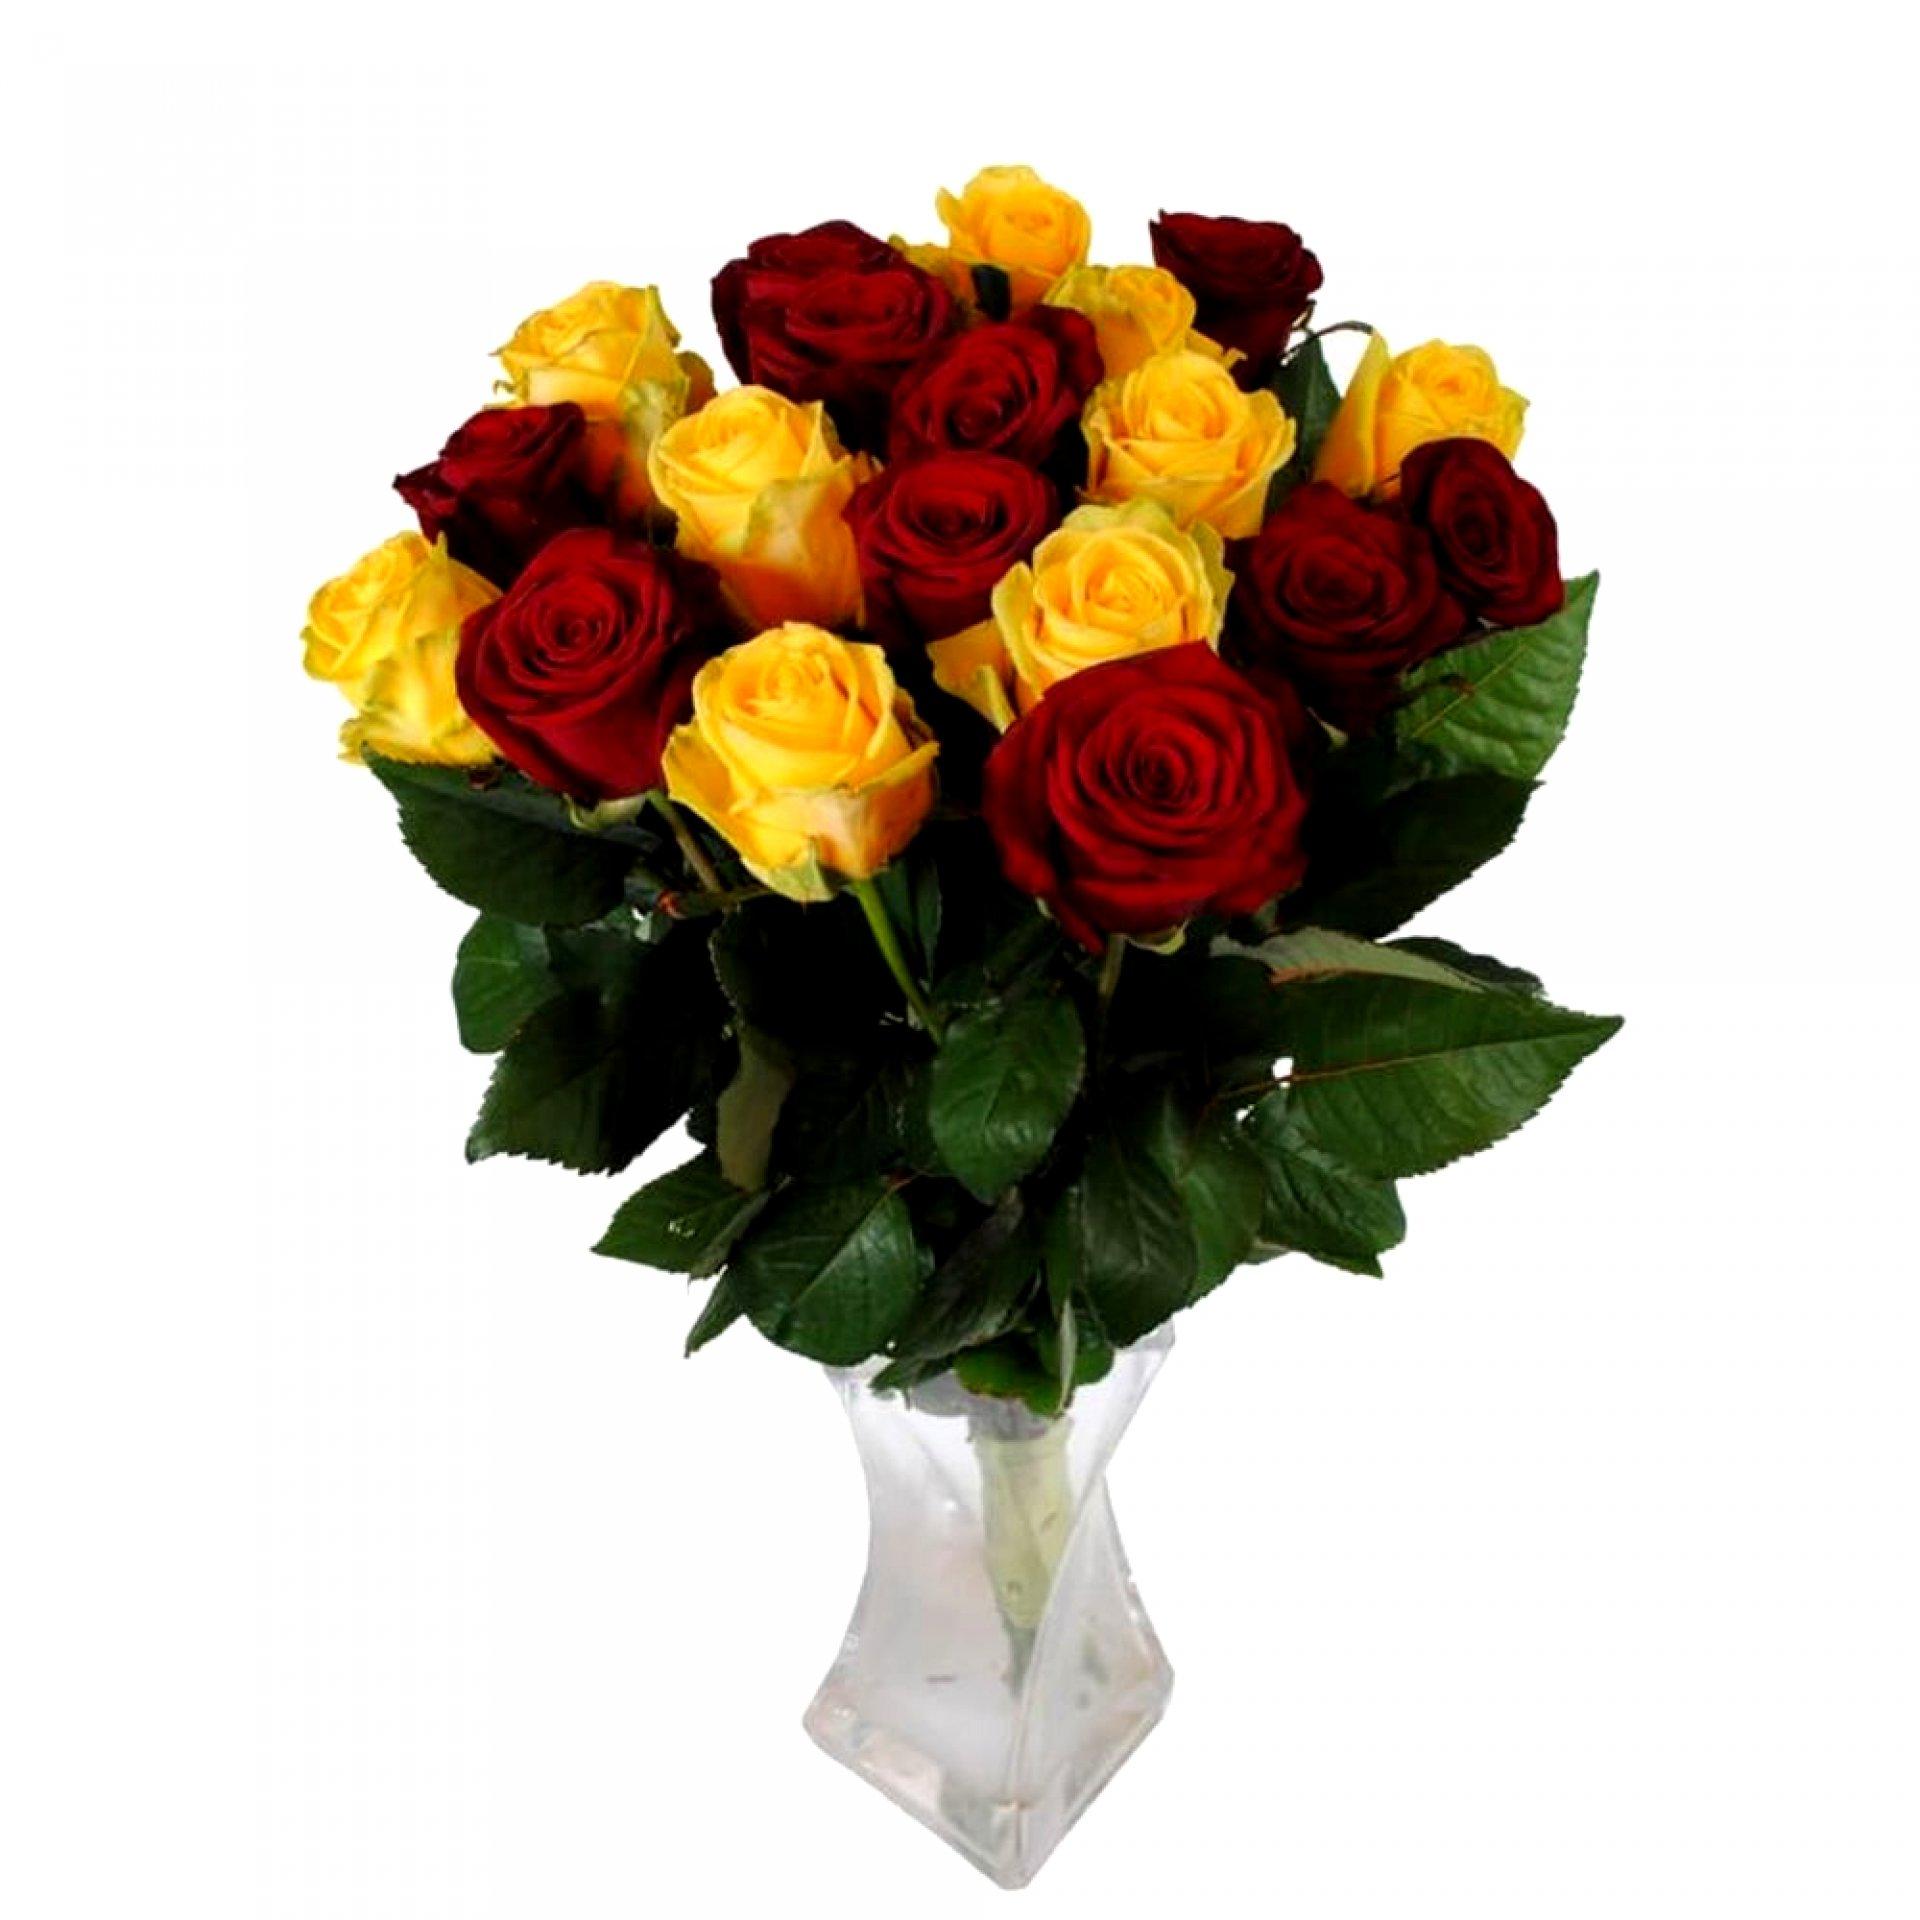 Букет желтых и красных роз (19 шт)